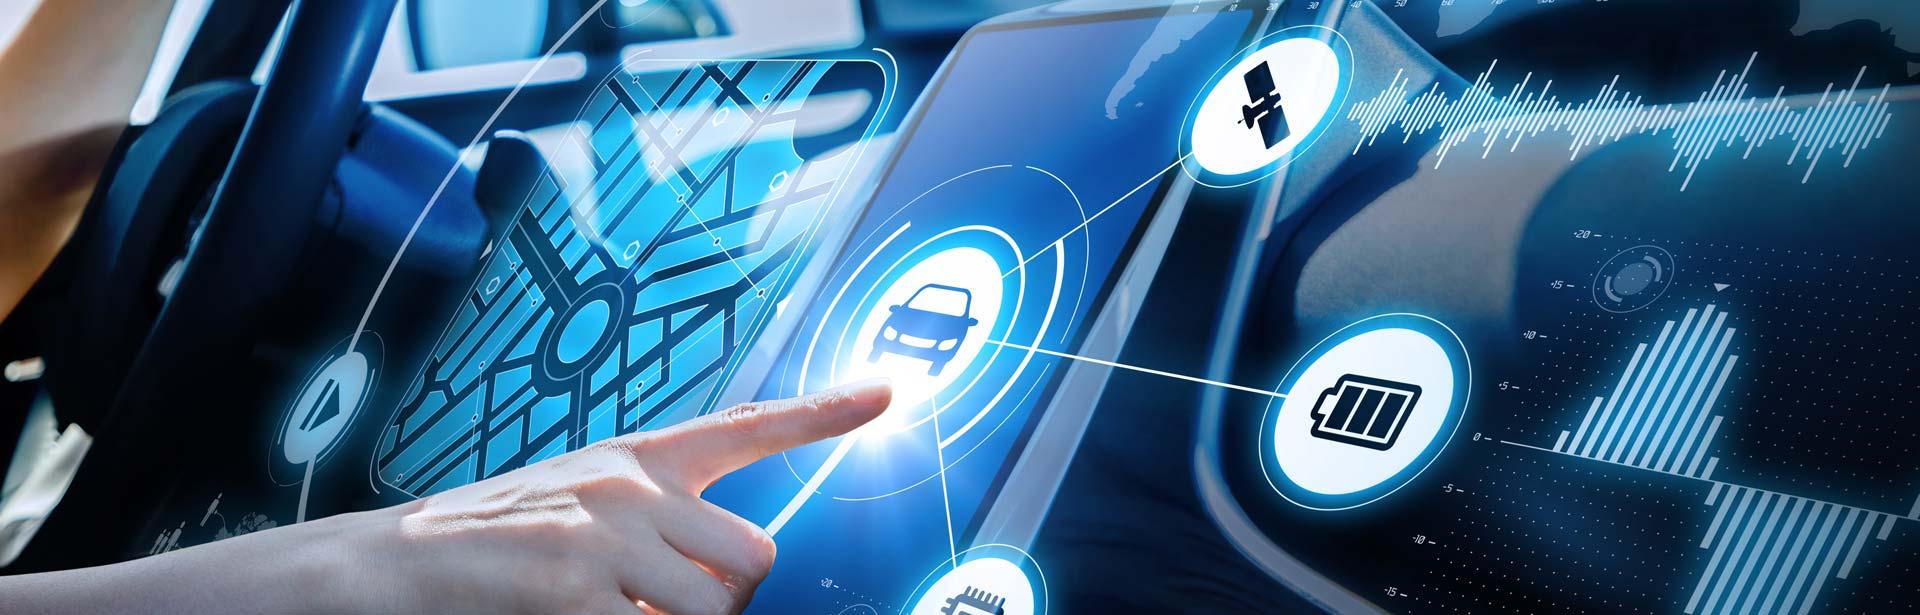 Offene Schnittstellen für Fahrzeugvernetzung | GVA Gesamtverband Autoteile-Handel e.V.